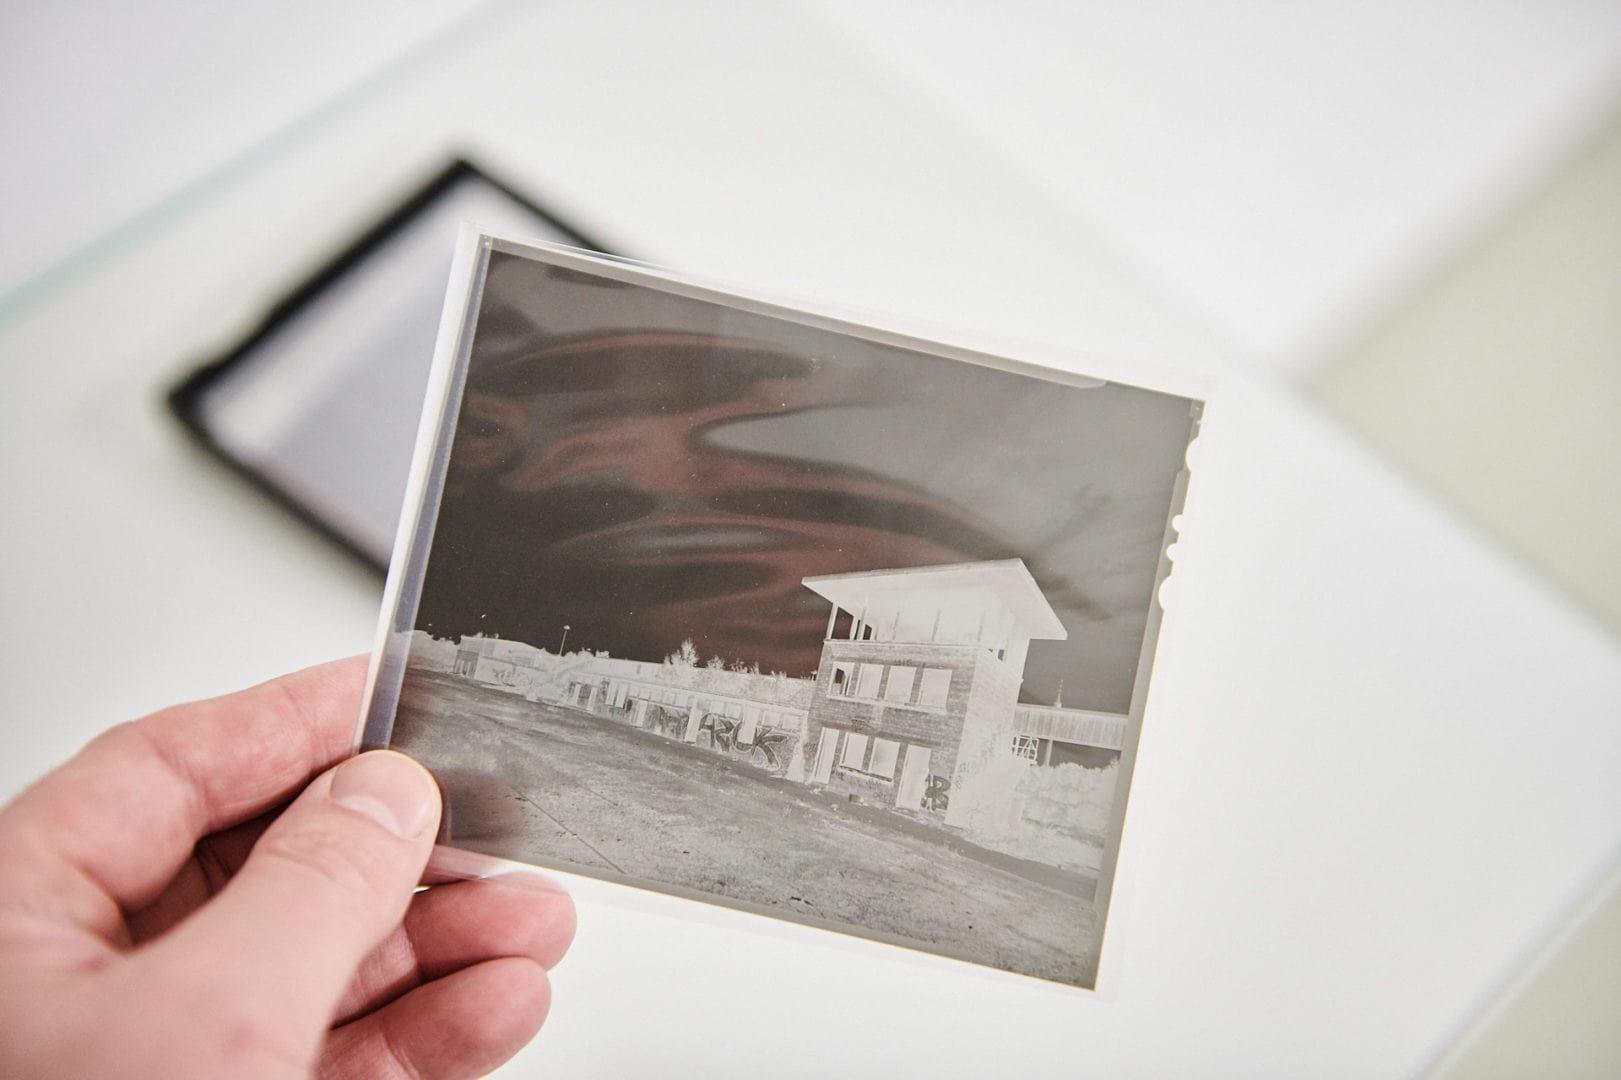 Fotograf hält Negativ eines Planfilms 4x5 in der Hand